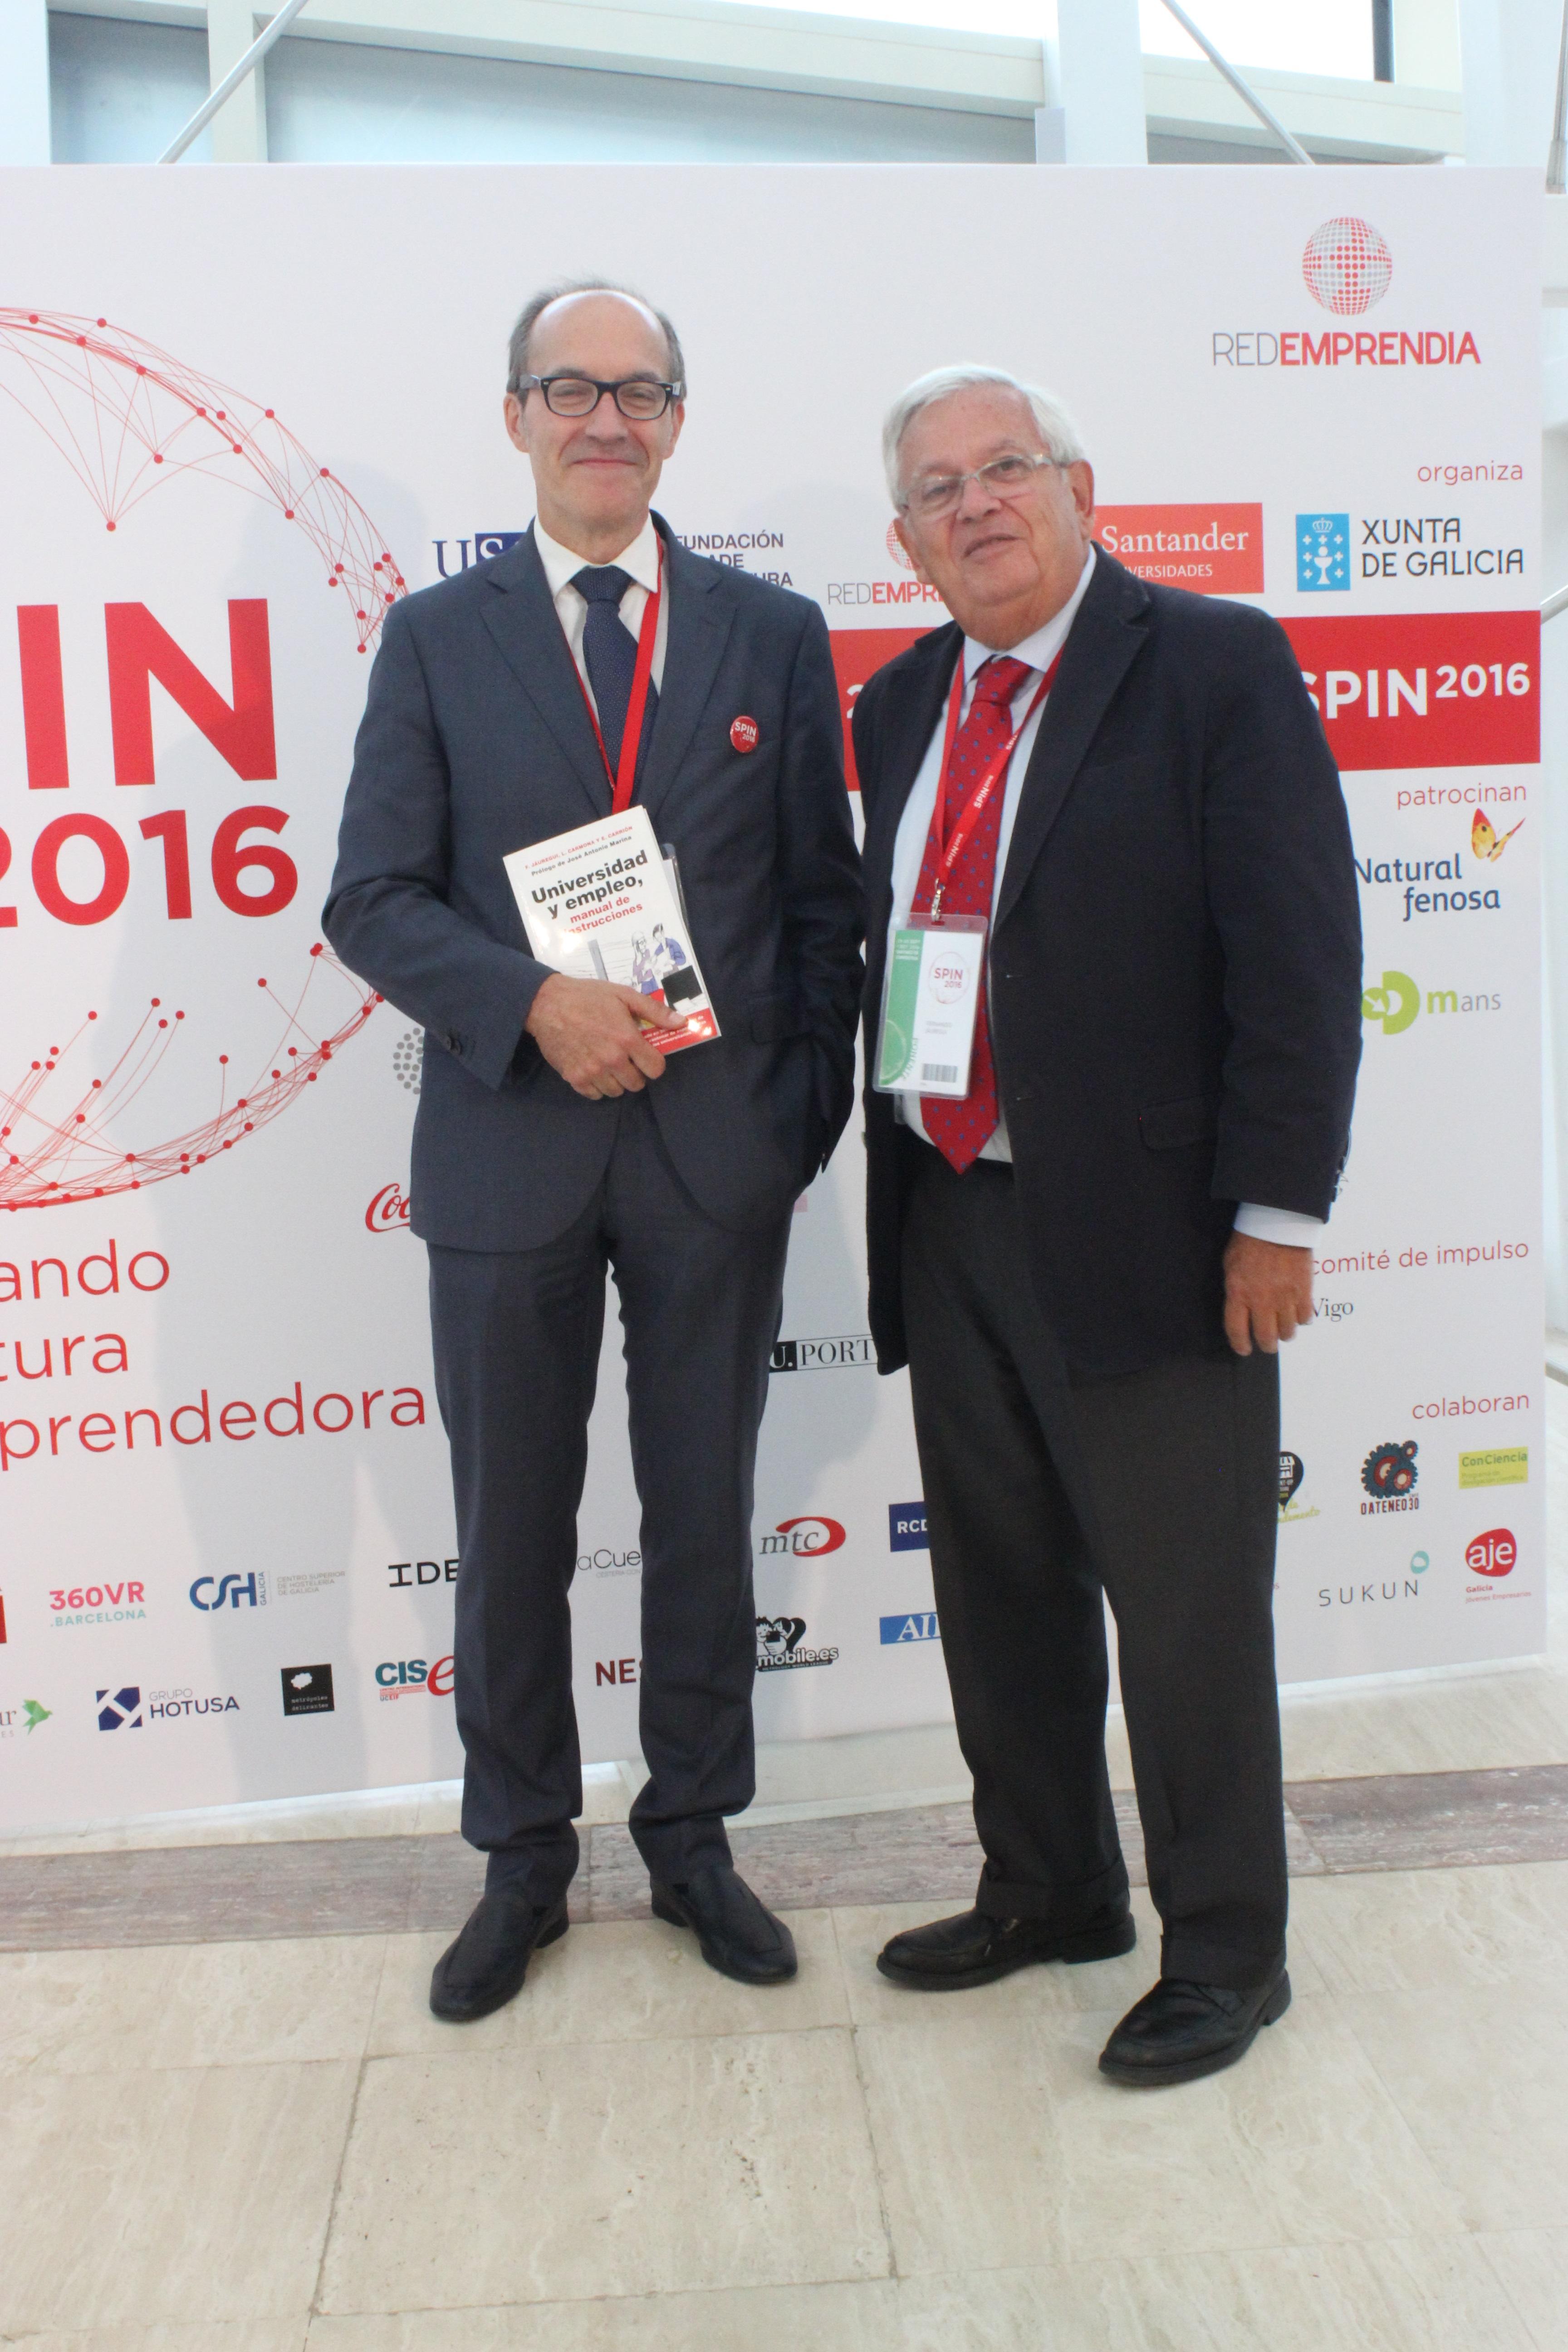 Senén Barro, presidente de RedEmprendia, presenta el libro 'Universidad y Empleo' en Santiago de Compostela en el Spin2016#